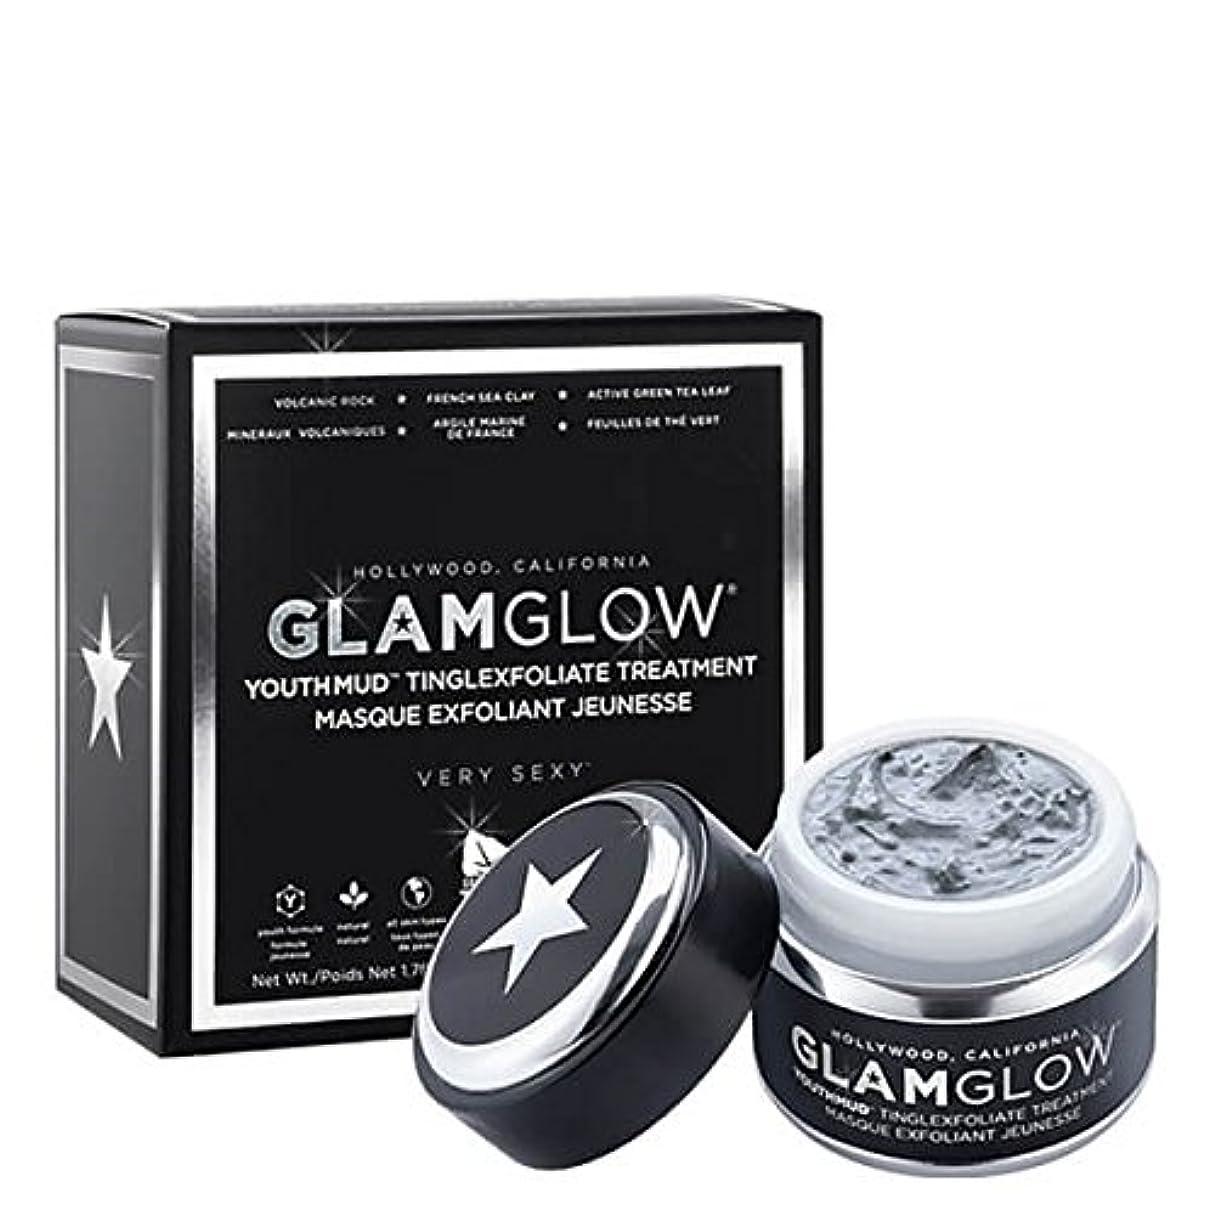 支援援助するほんのグラムグロー (GLAMGLOW) ユースマッド シングレックスフォリエイト トリートメント 50g [並行輸入品]